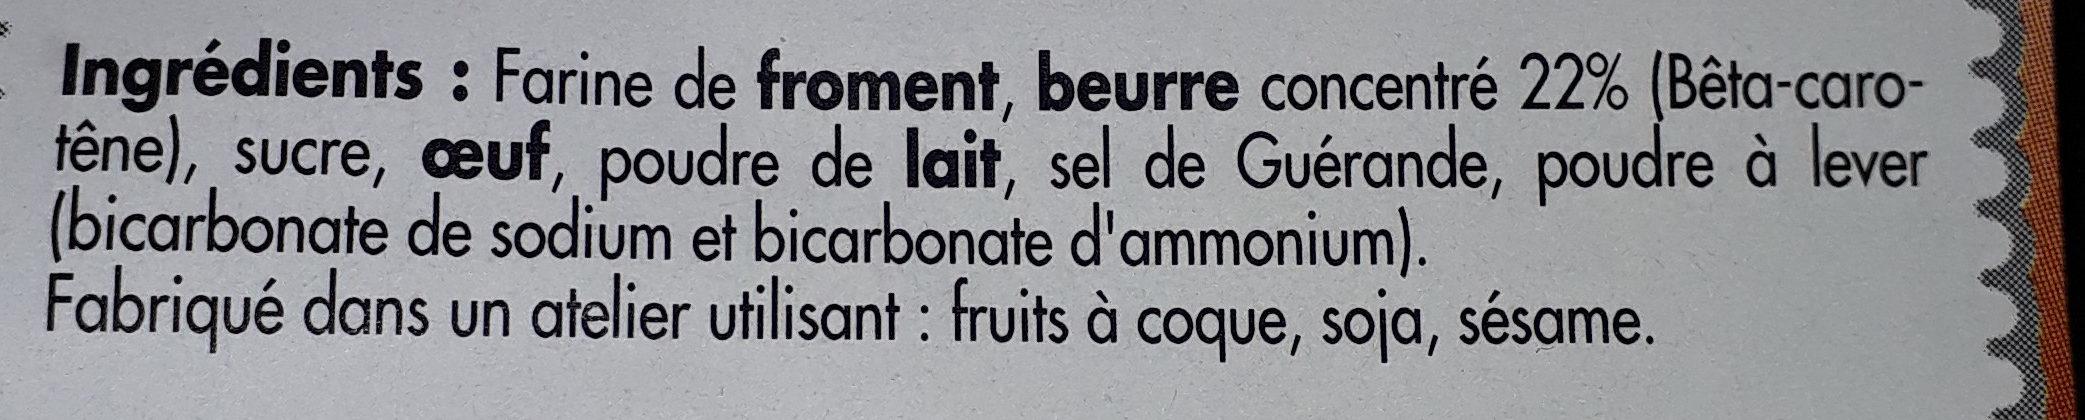 Galettes bretonnes pour beurre - Ingredienti - fr